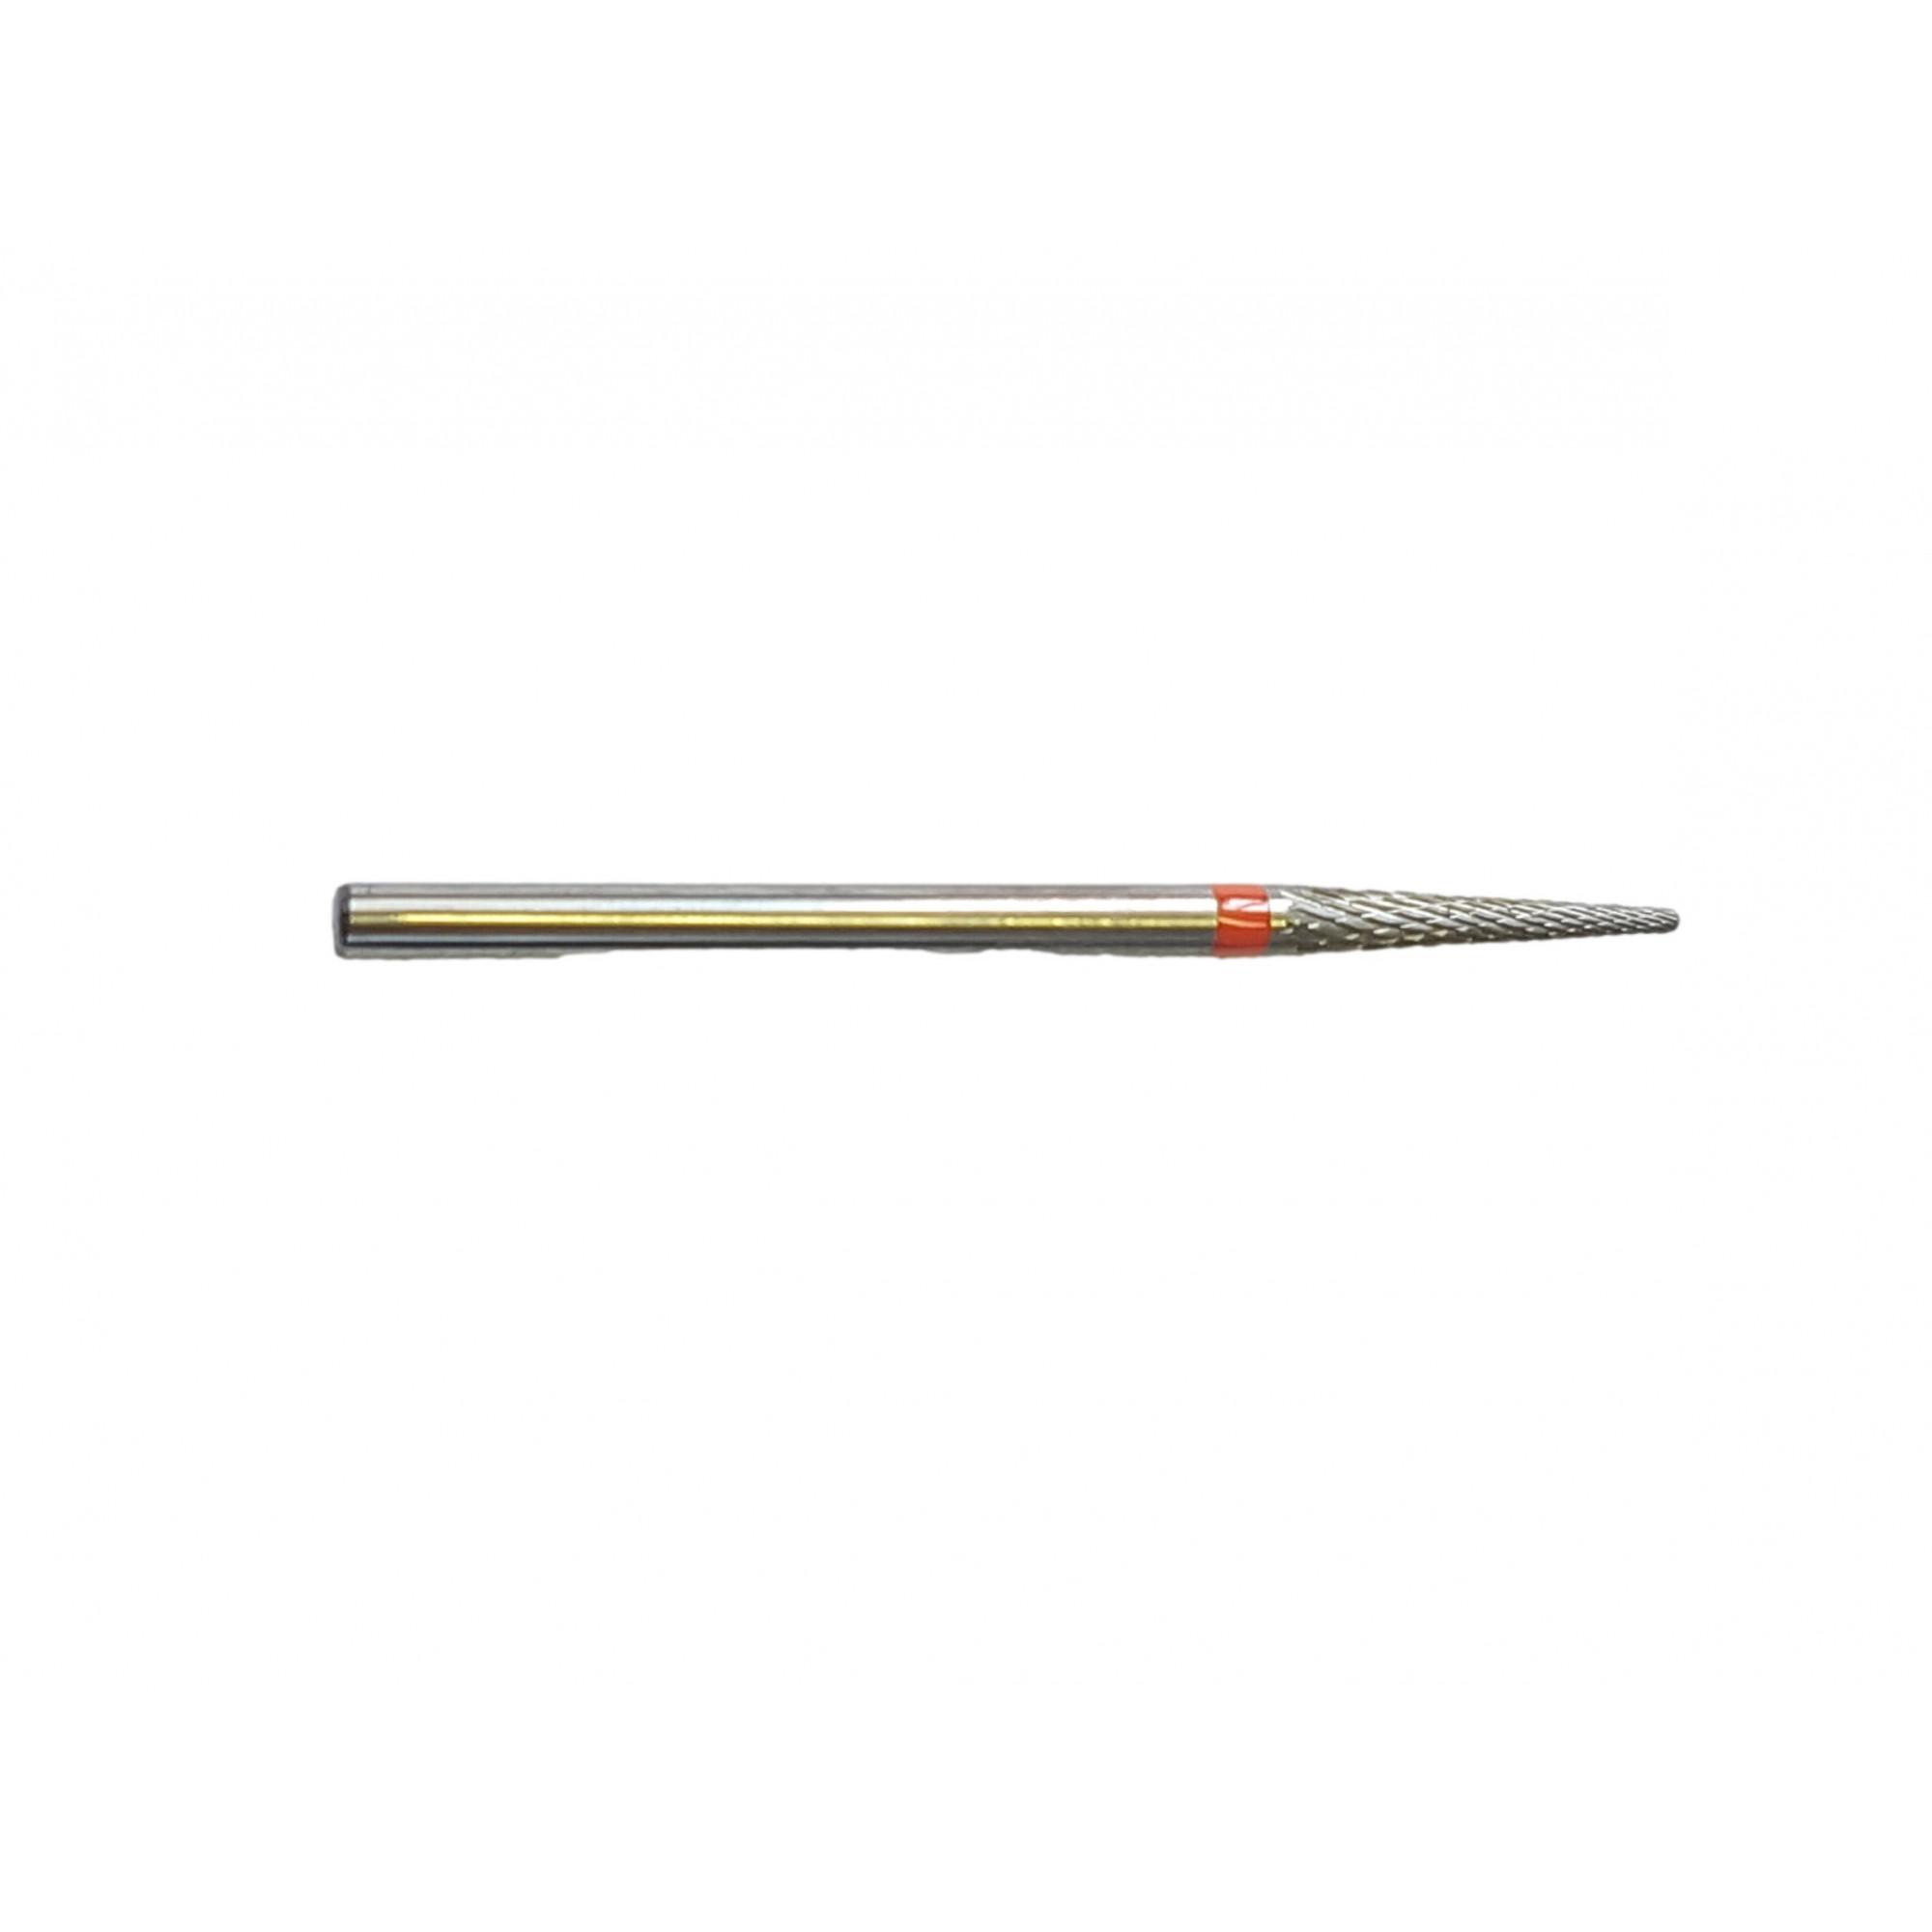 Fraise E0120 Carbure de tungstène - Abrasion et finition des ongles fins - Denture croisée fine - Forme conique - 2,3 mm